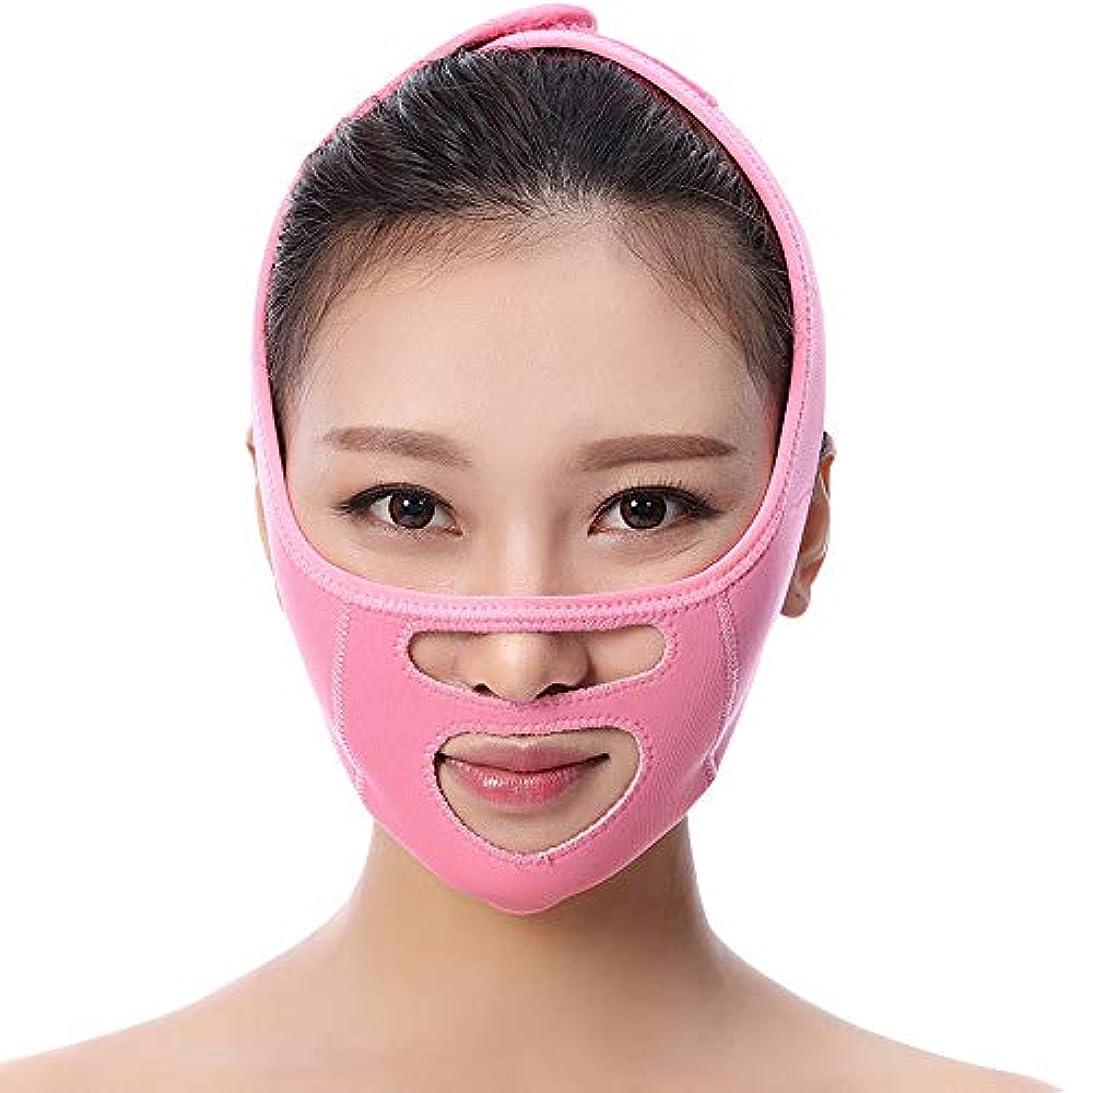 医師暫定沼地フェイスリフトマスク、睡眠薄型フェイスベルトリフティングパーマネントビューティーvフェイスバンデージダブルチンアーチファクト,Pink